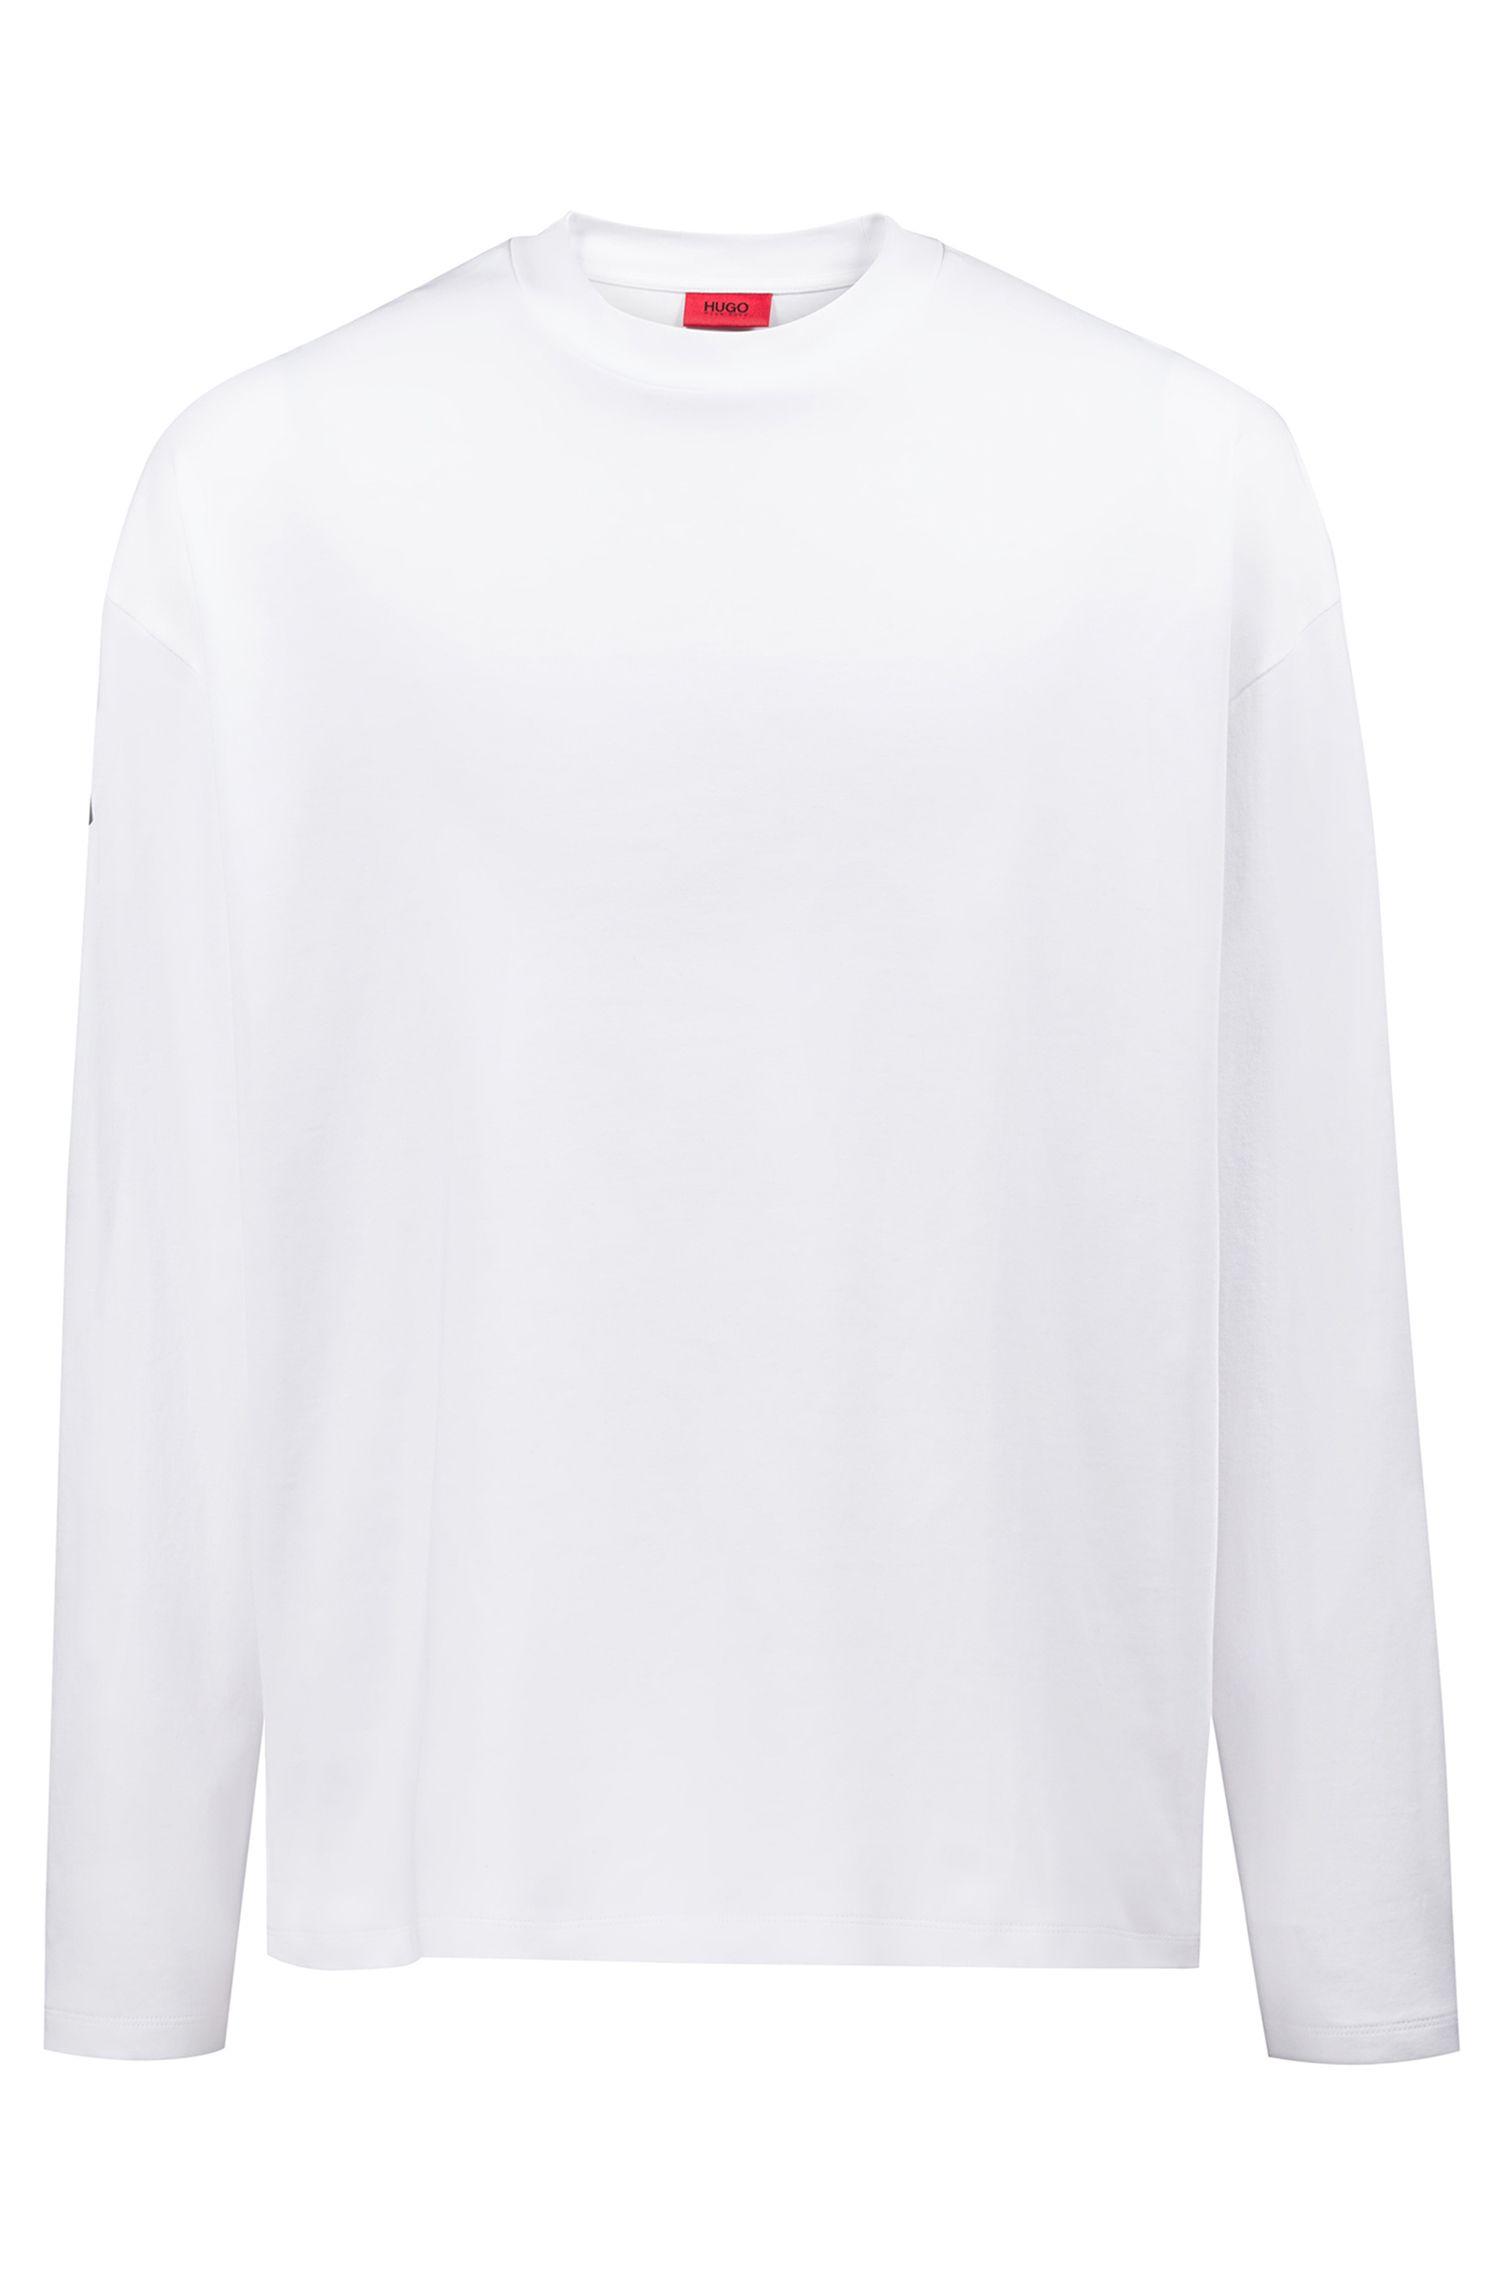 T-shirt Oversized Fit en coton avec coordonnées imprimées, Blanc